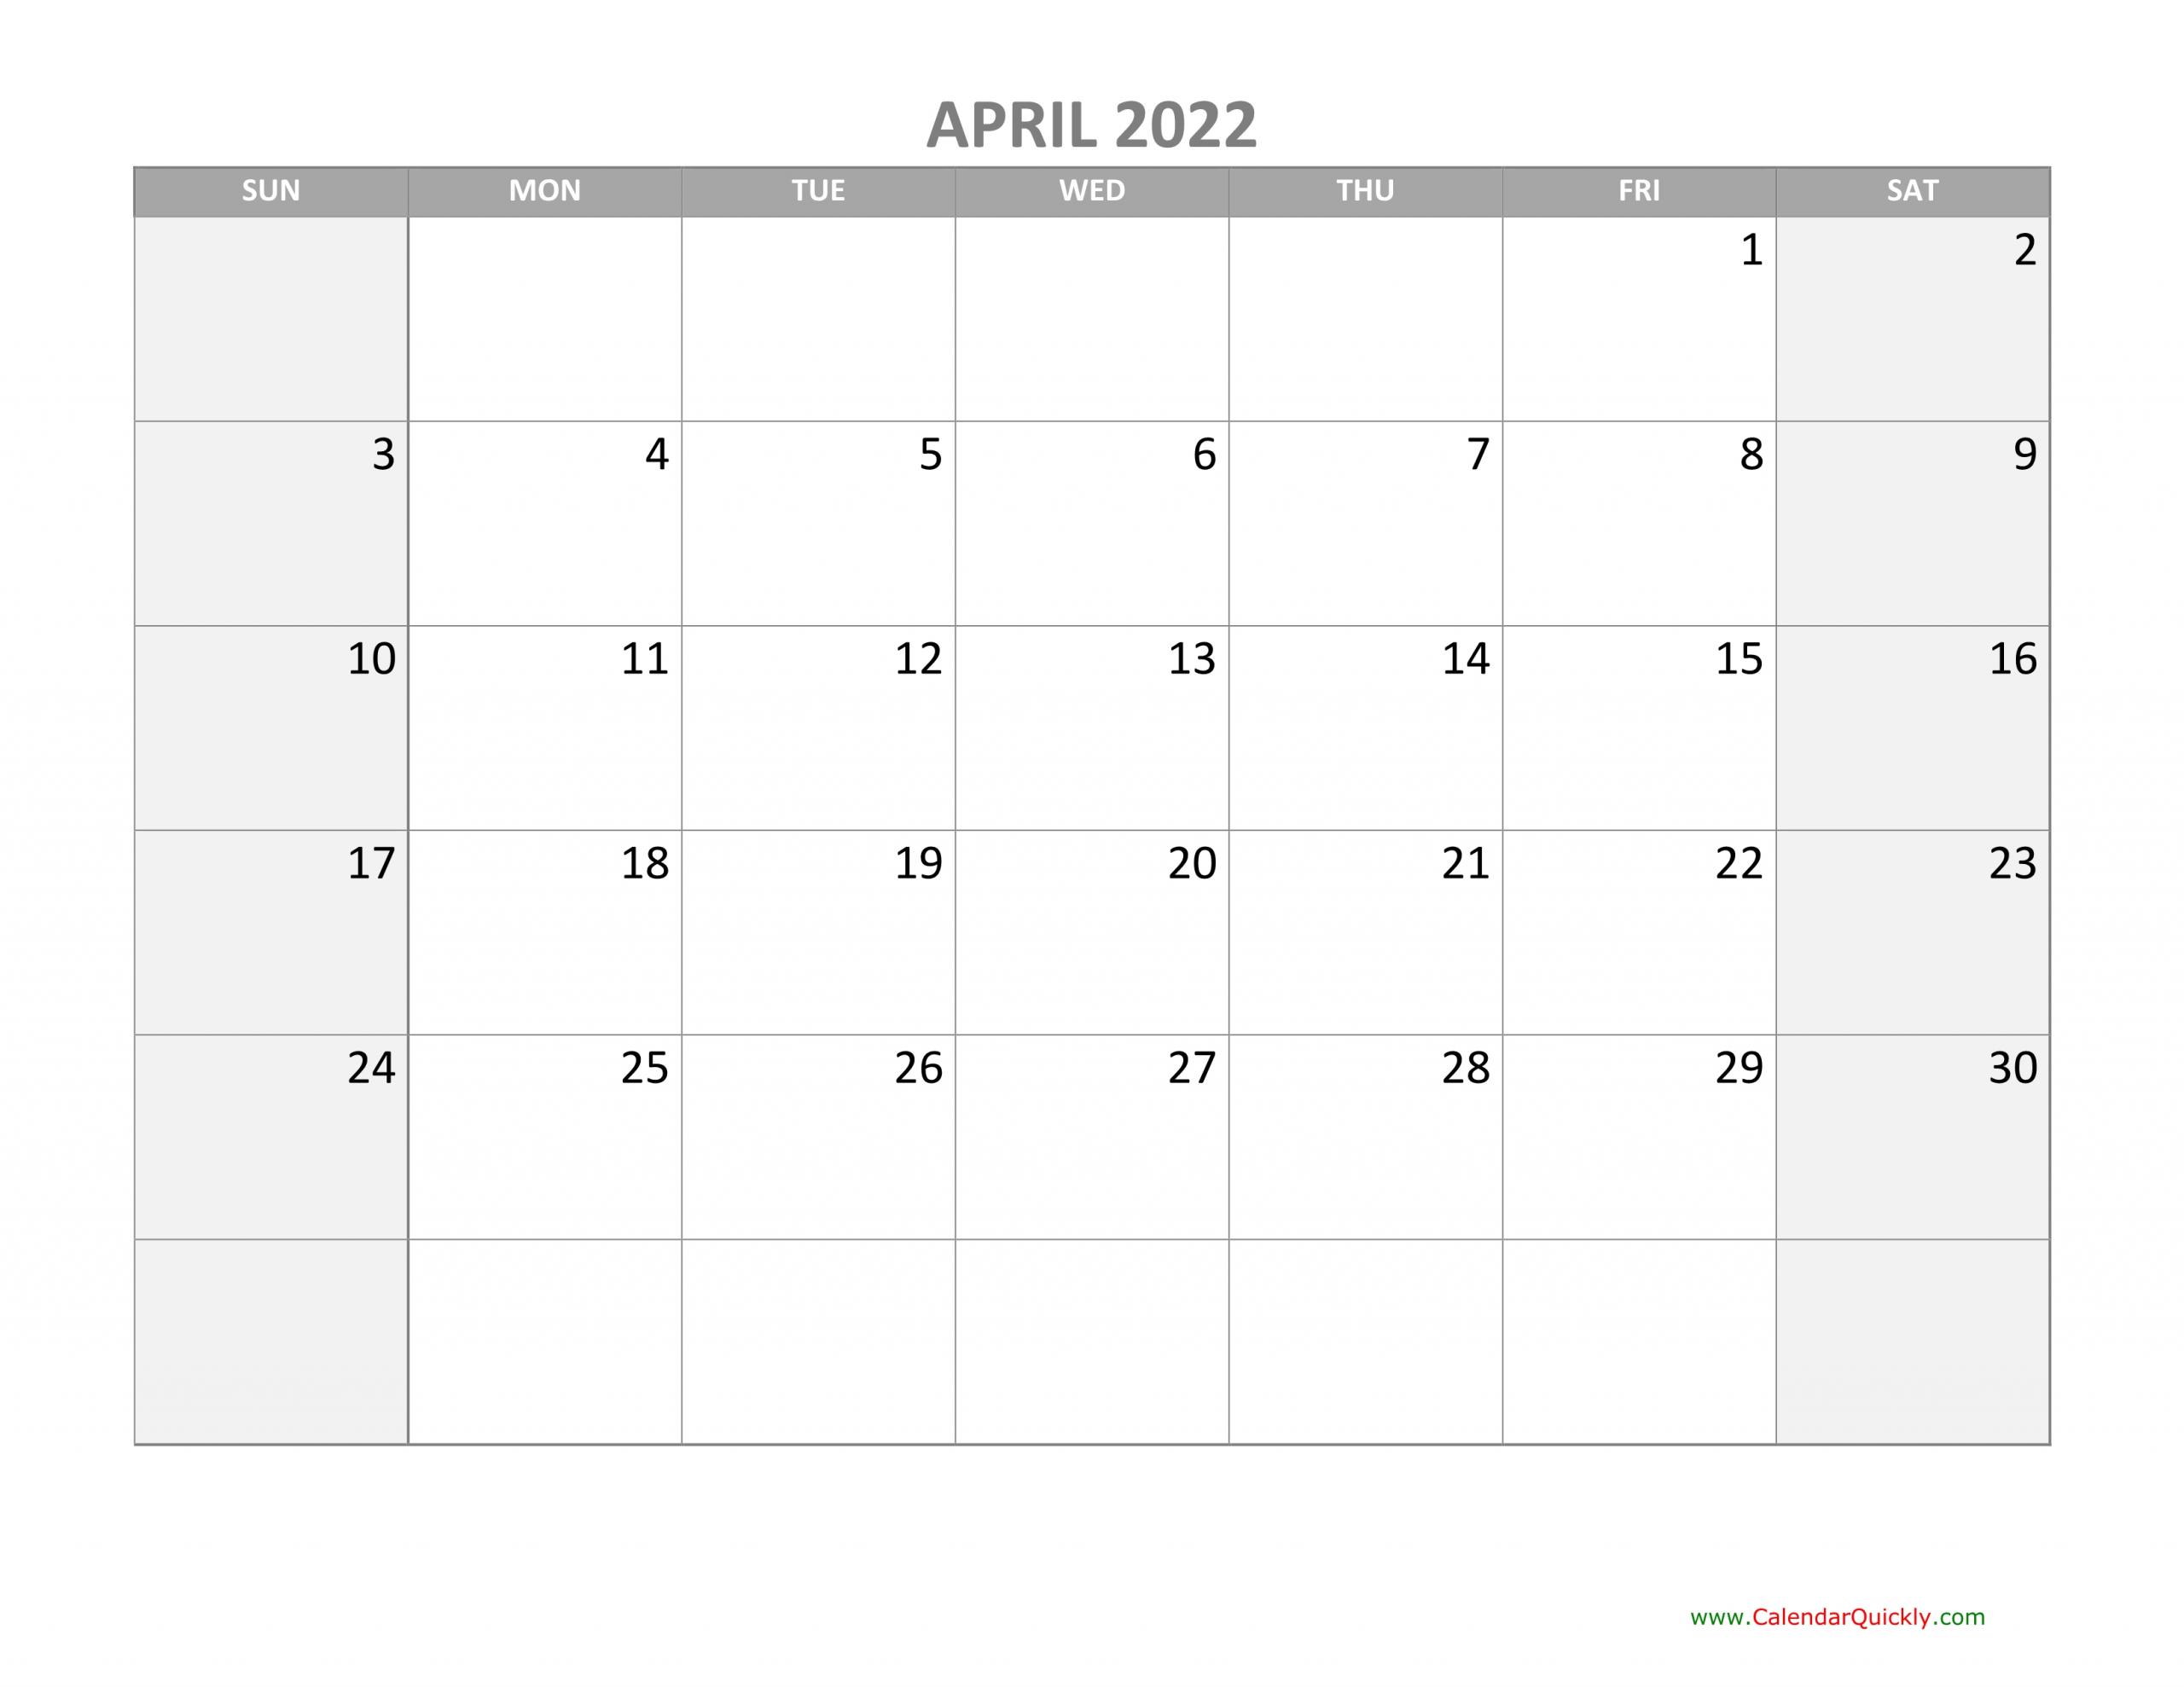 April Calendar 2022 With Holidays | Calendar Quickly